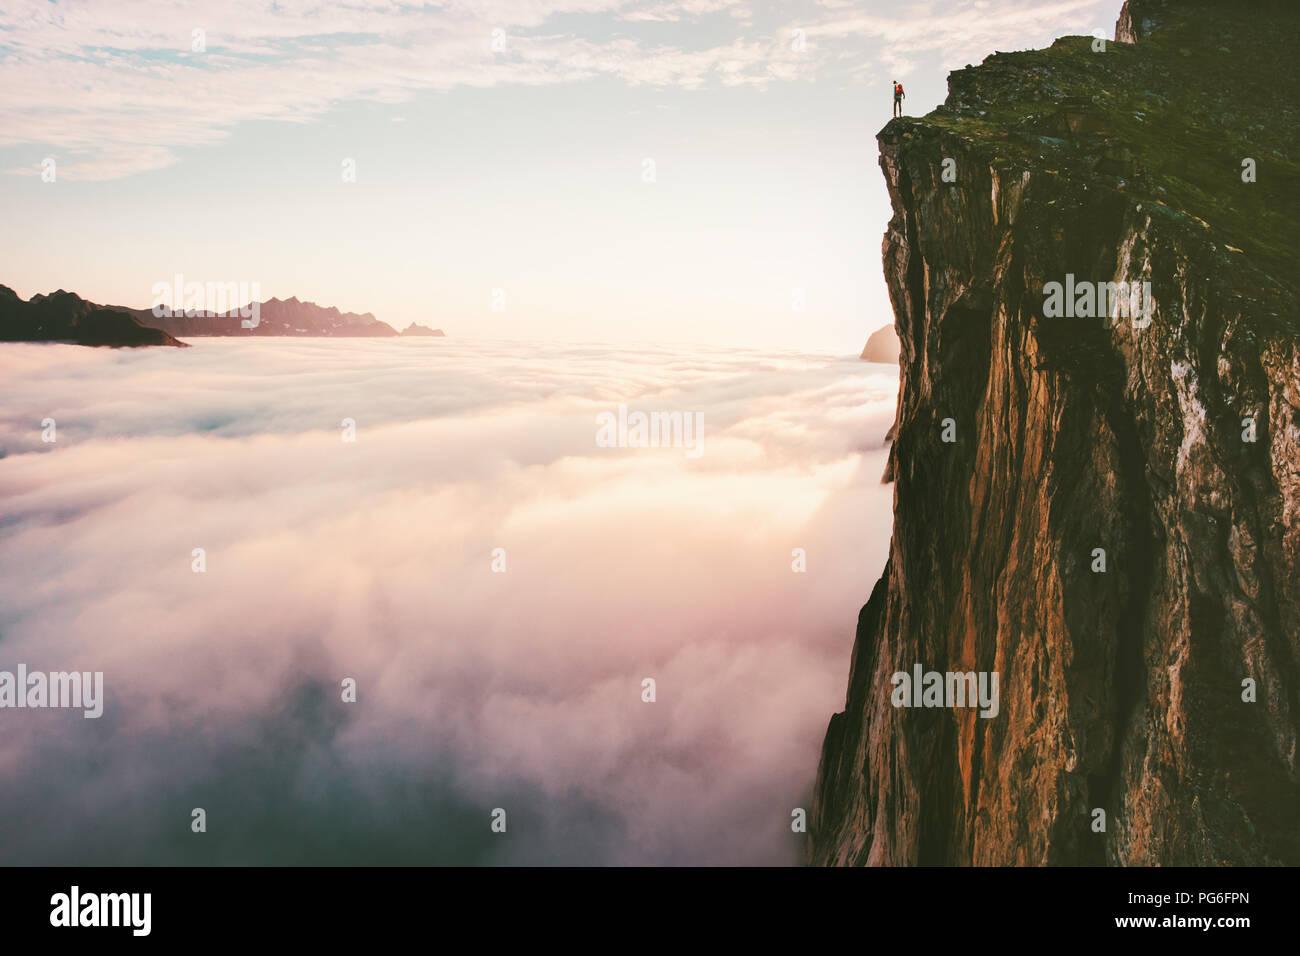 Traveler permanente sulla scogliera di bordo superiore di montagna sopra le nuvole al tramonto avventuroso viaggio lifestyle estate vacanze viaggio Immagini Stock